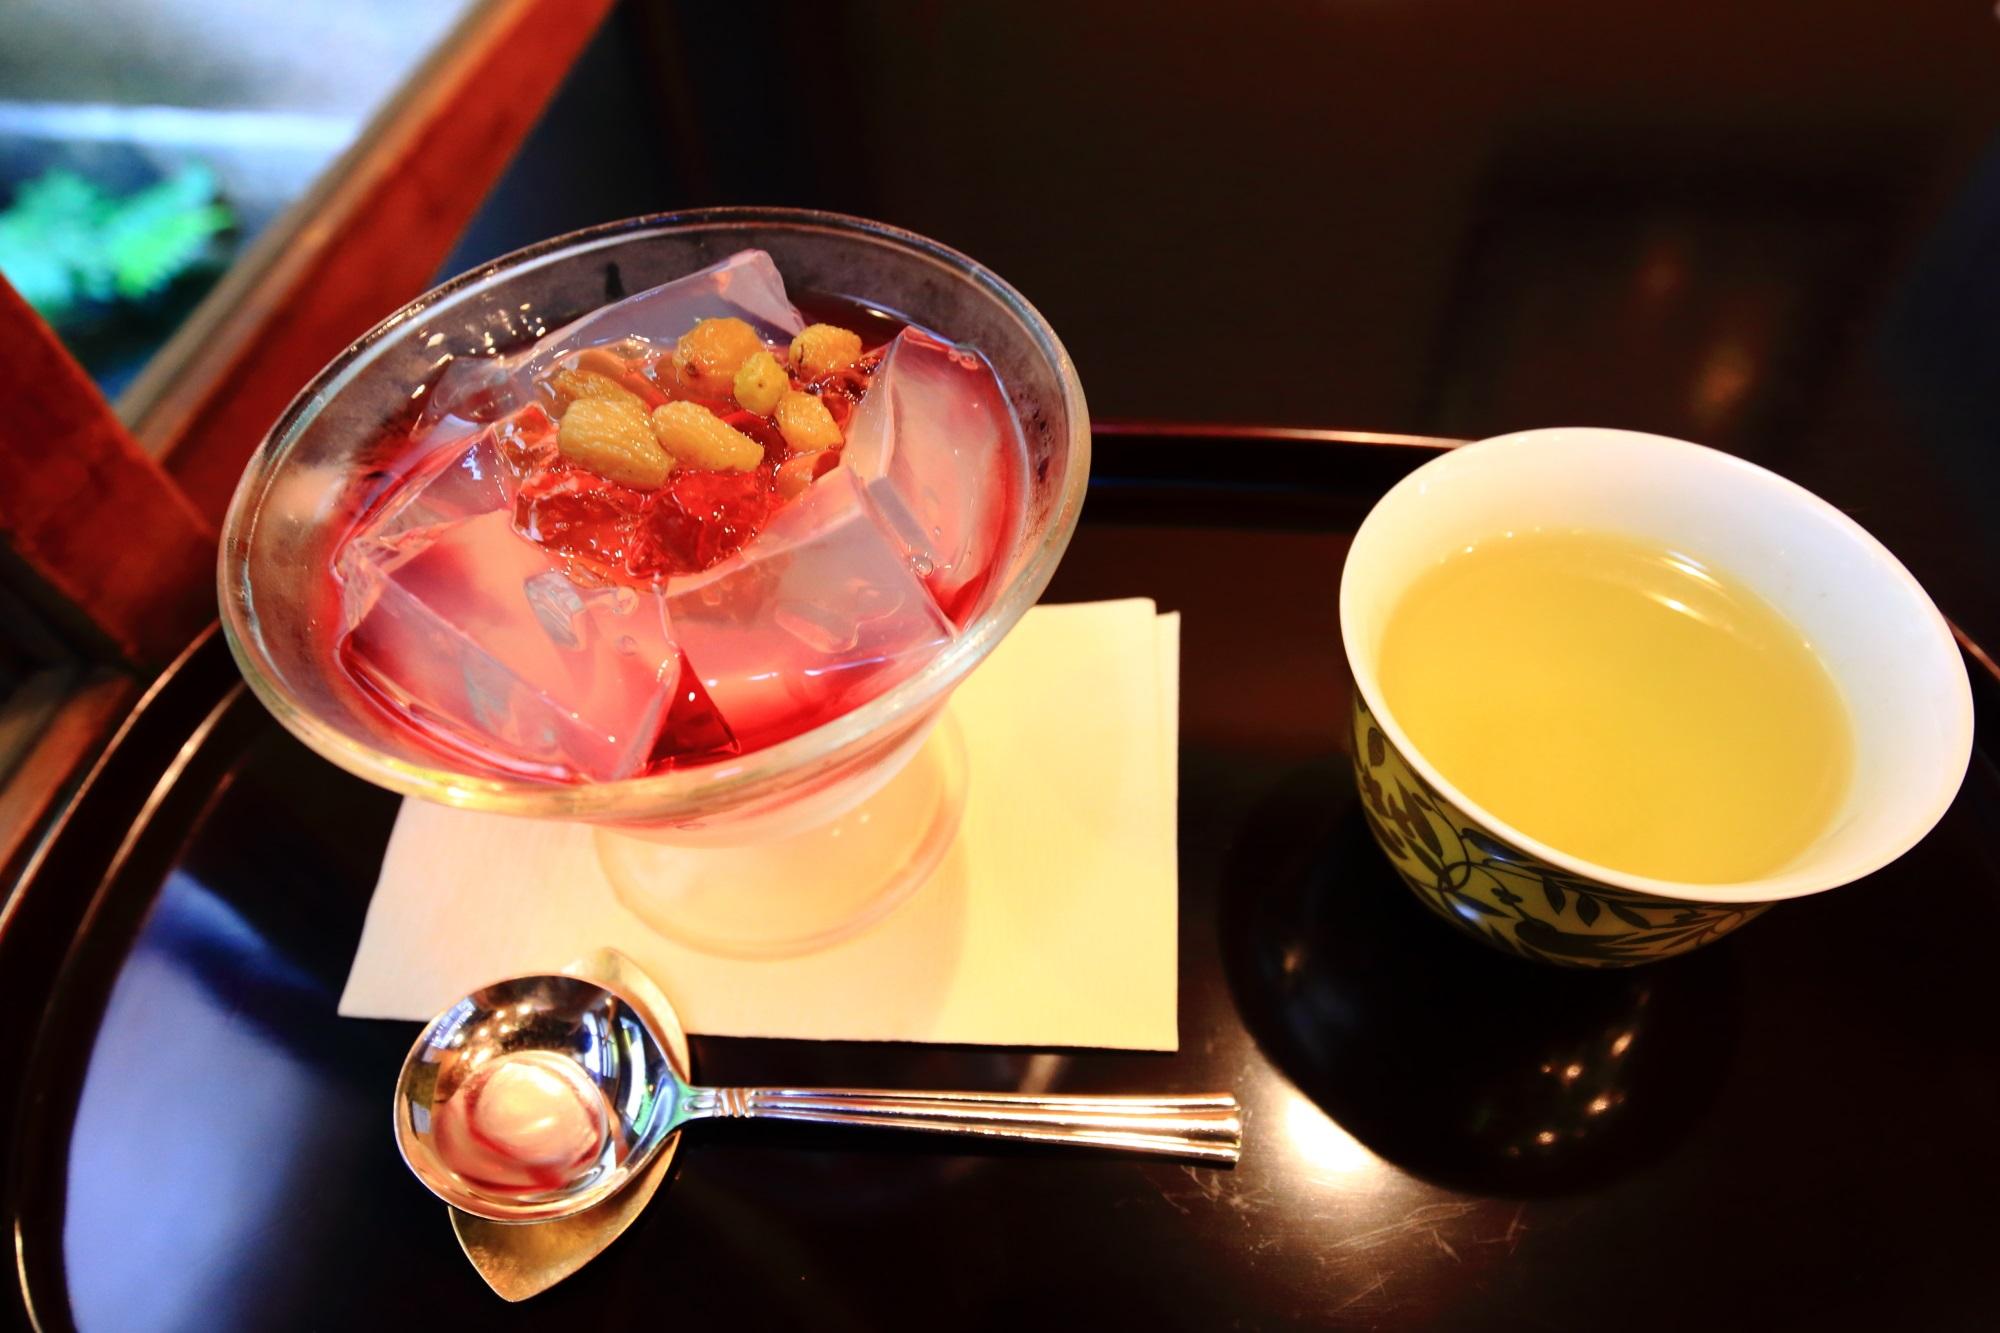 9月の葡萄味の琥珀流し(税込660円)